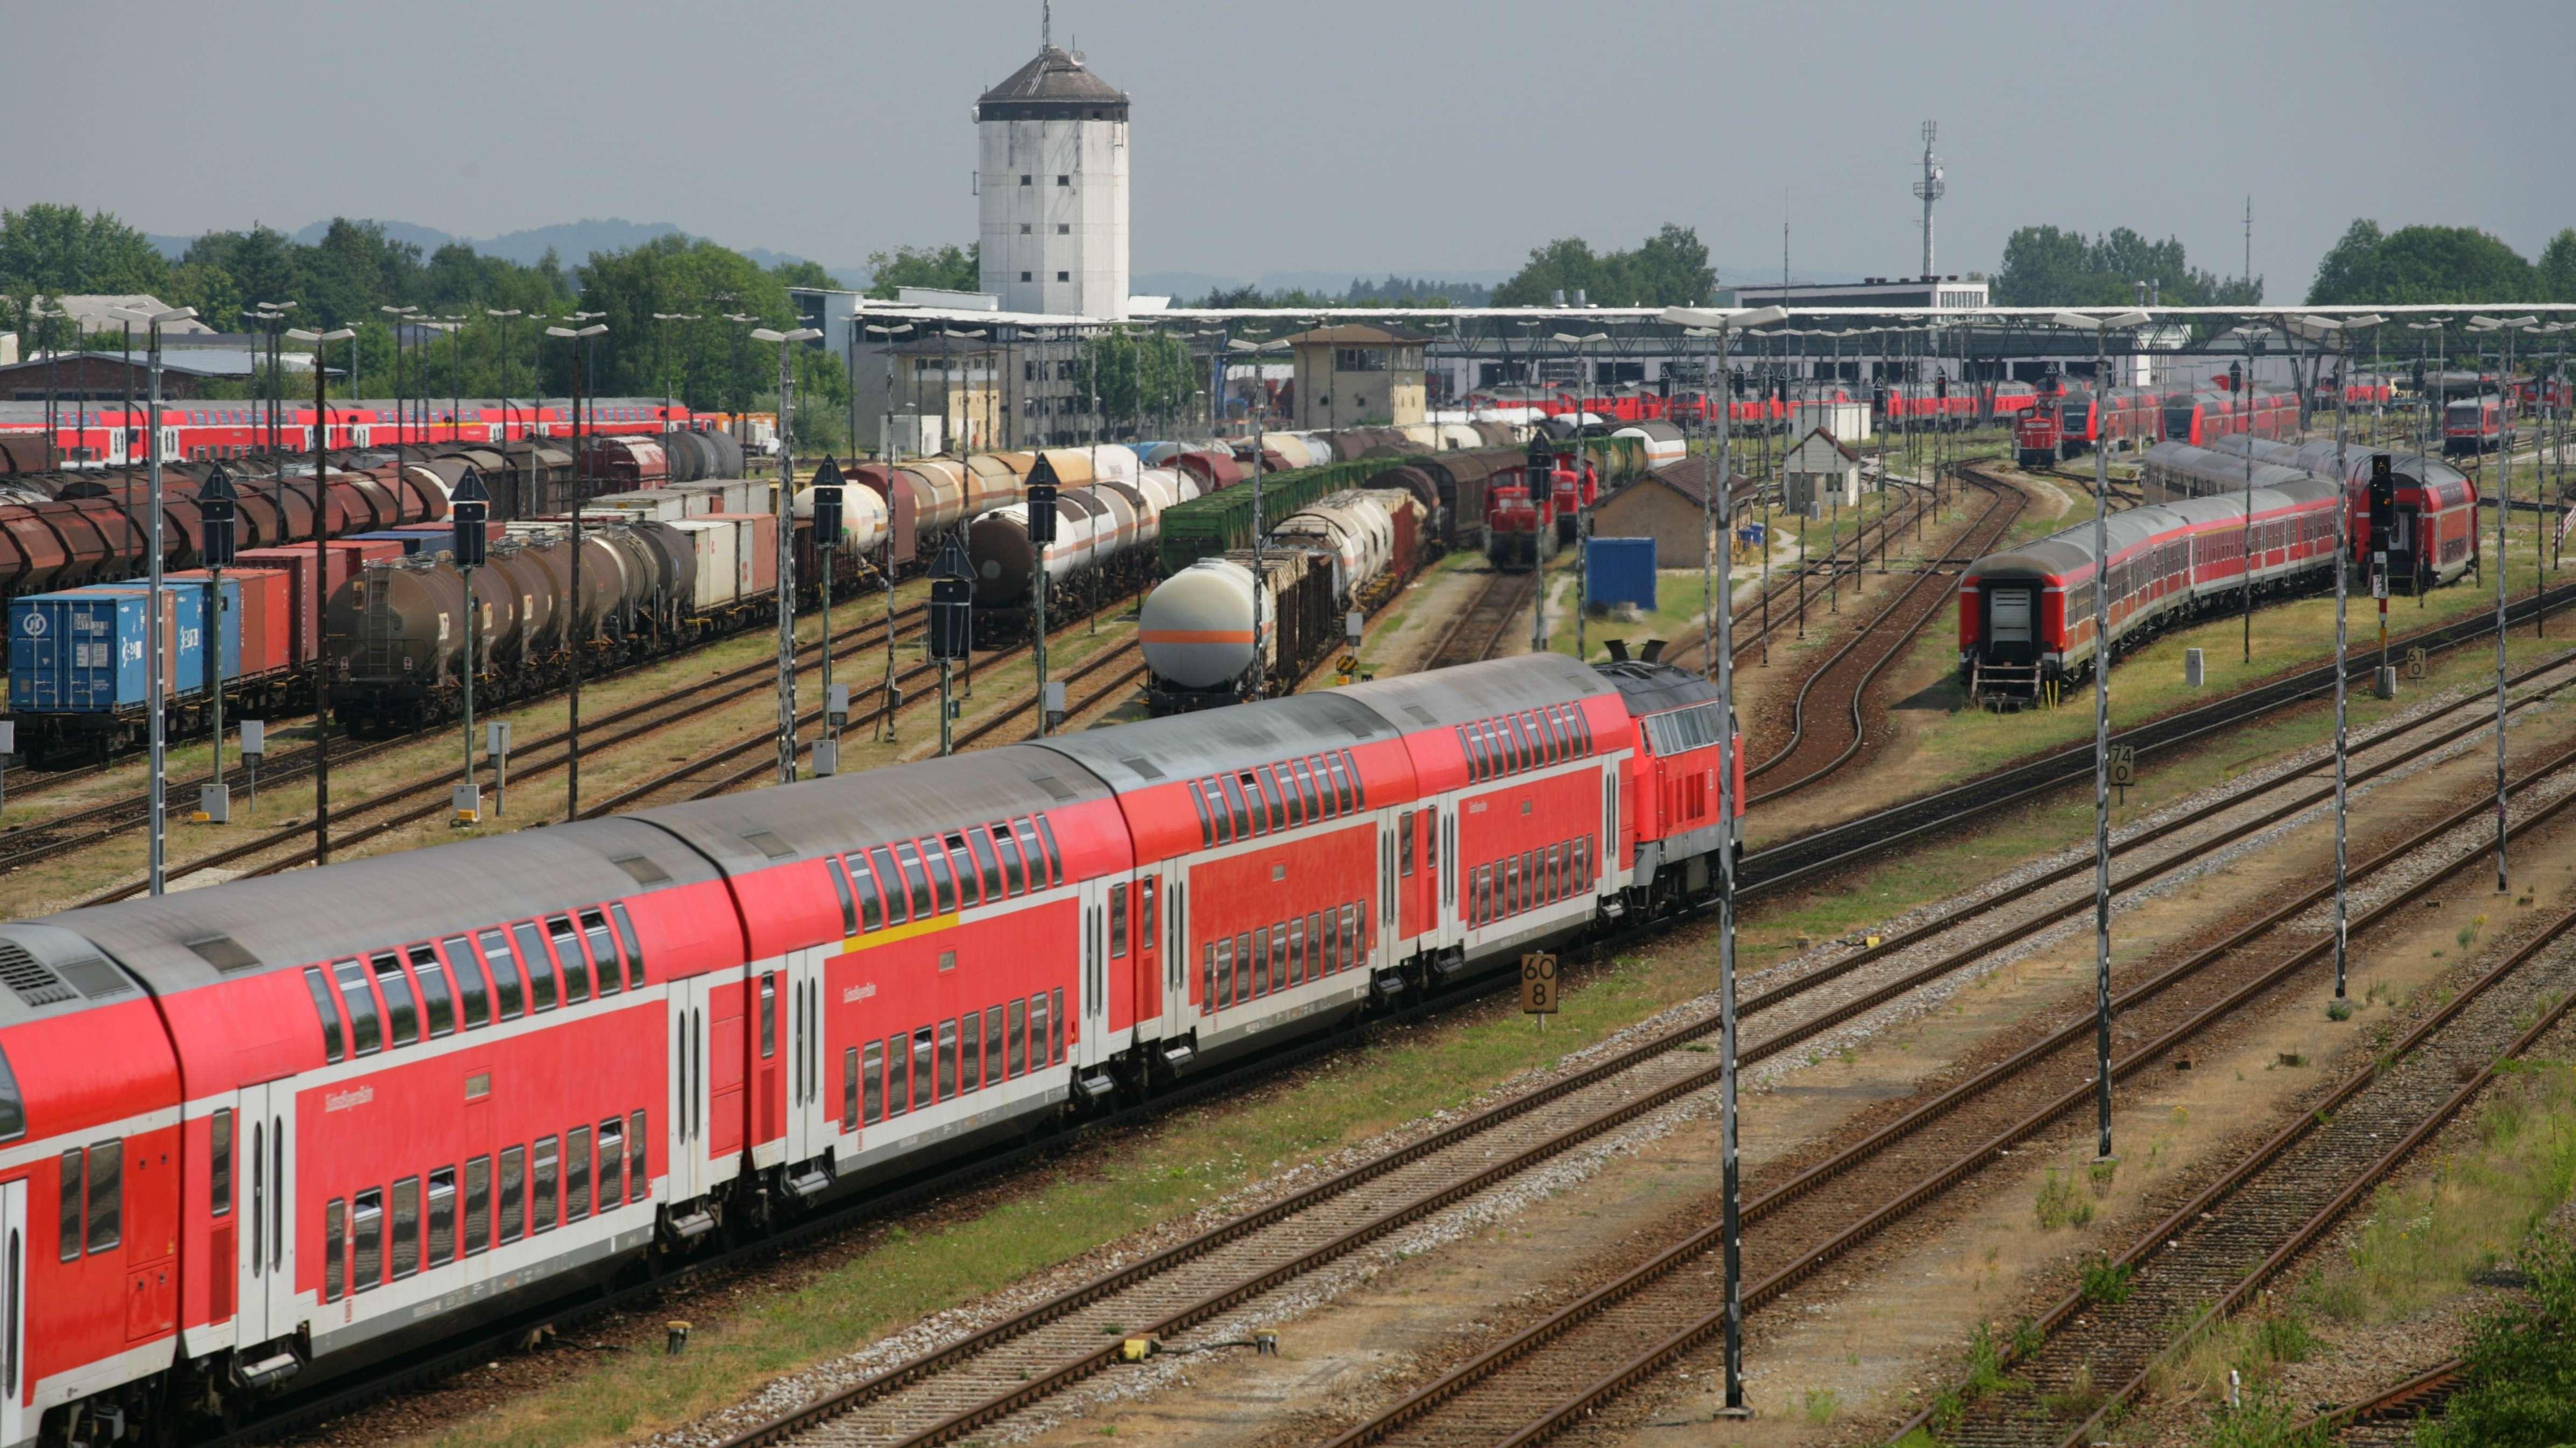 Gleisfeld mit Personenzug mit Güterzügen, vor dem Bahnhof in Mühldorf am Inn.